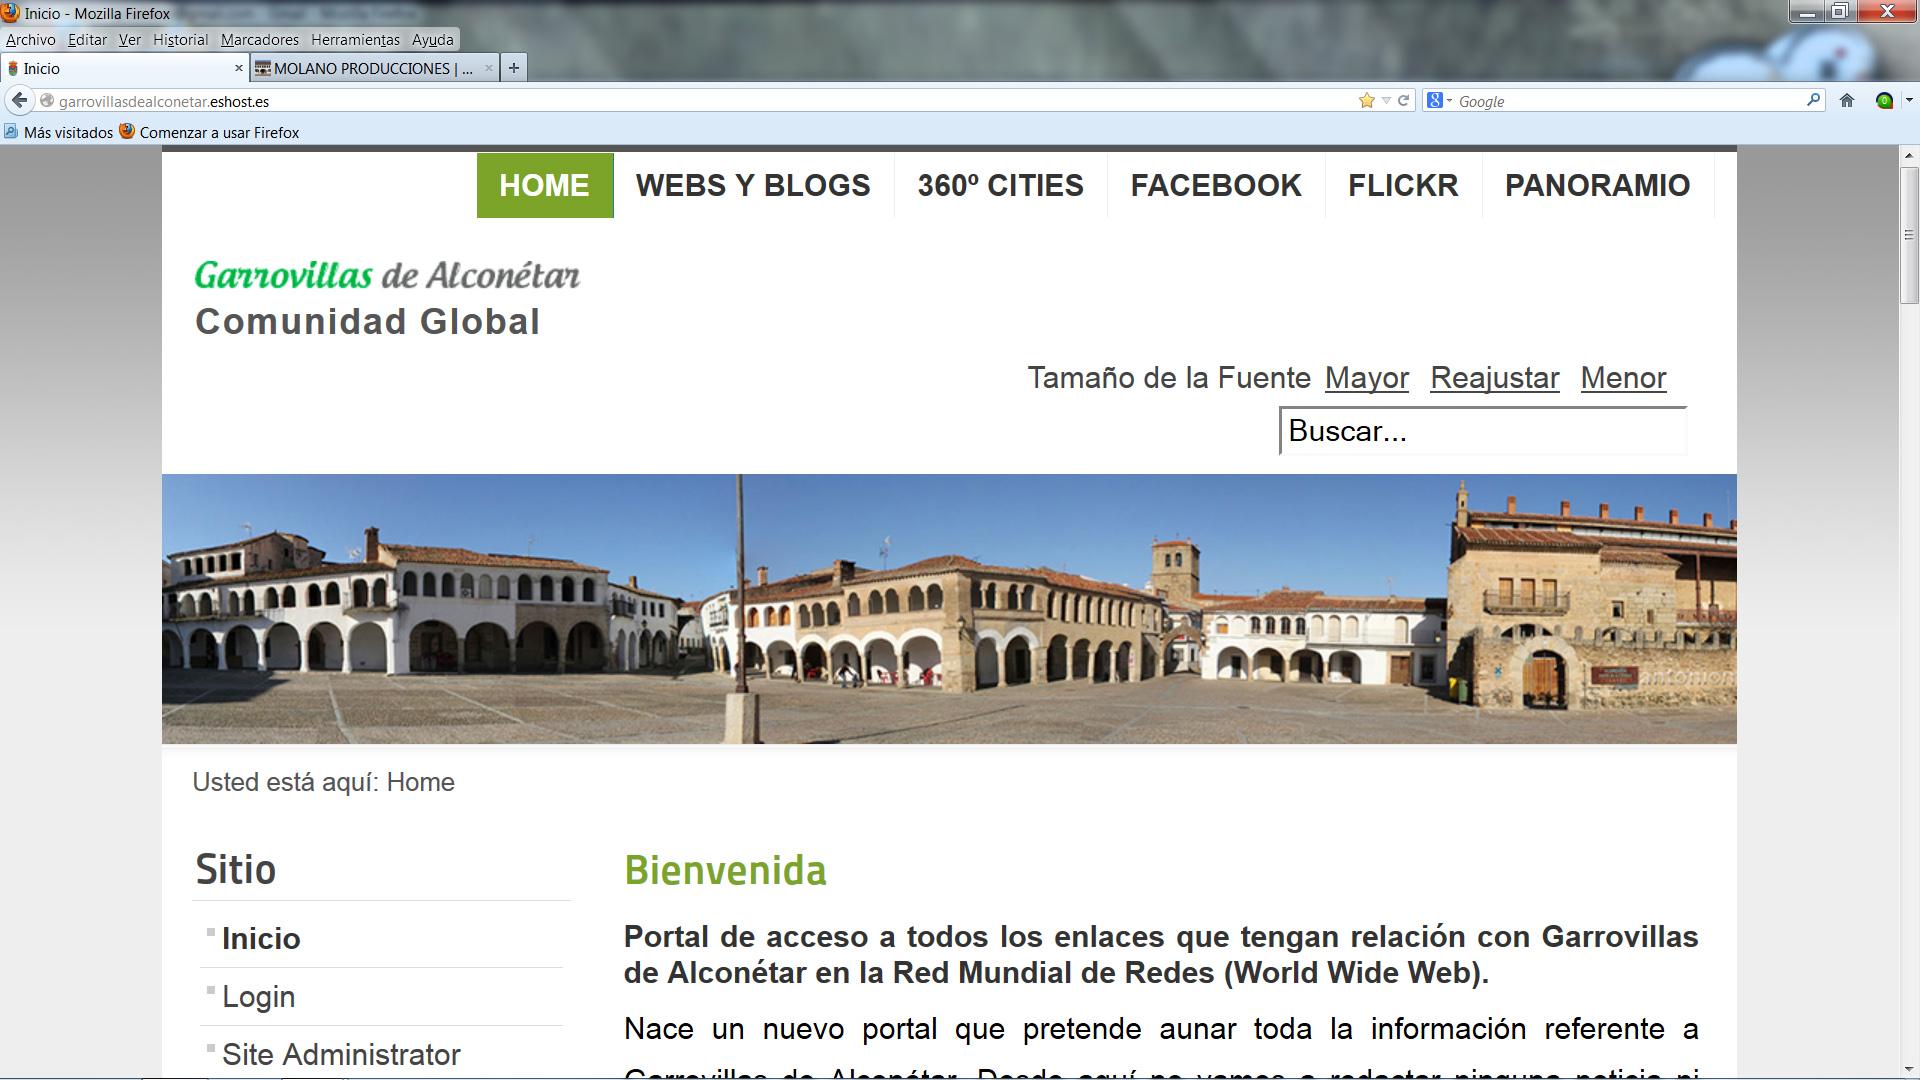 Garrovillasdealconétar.net